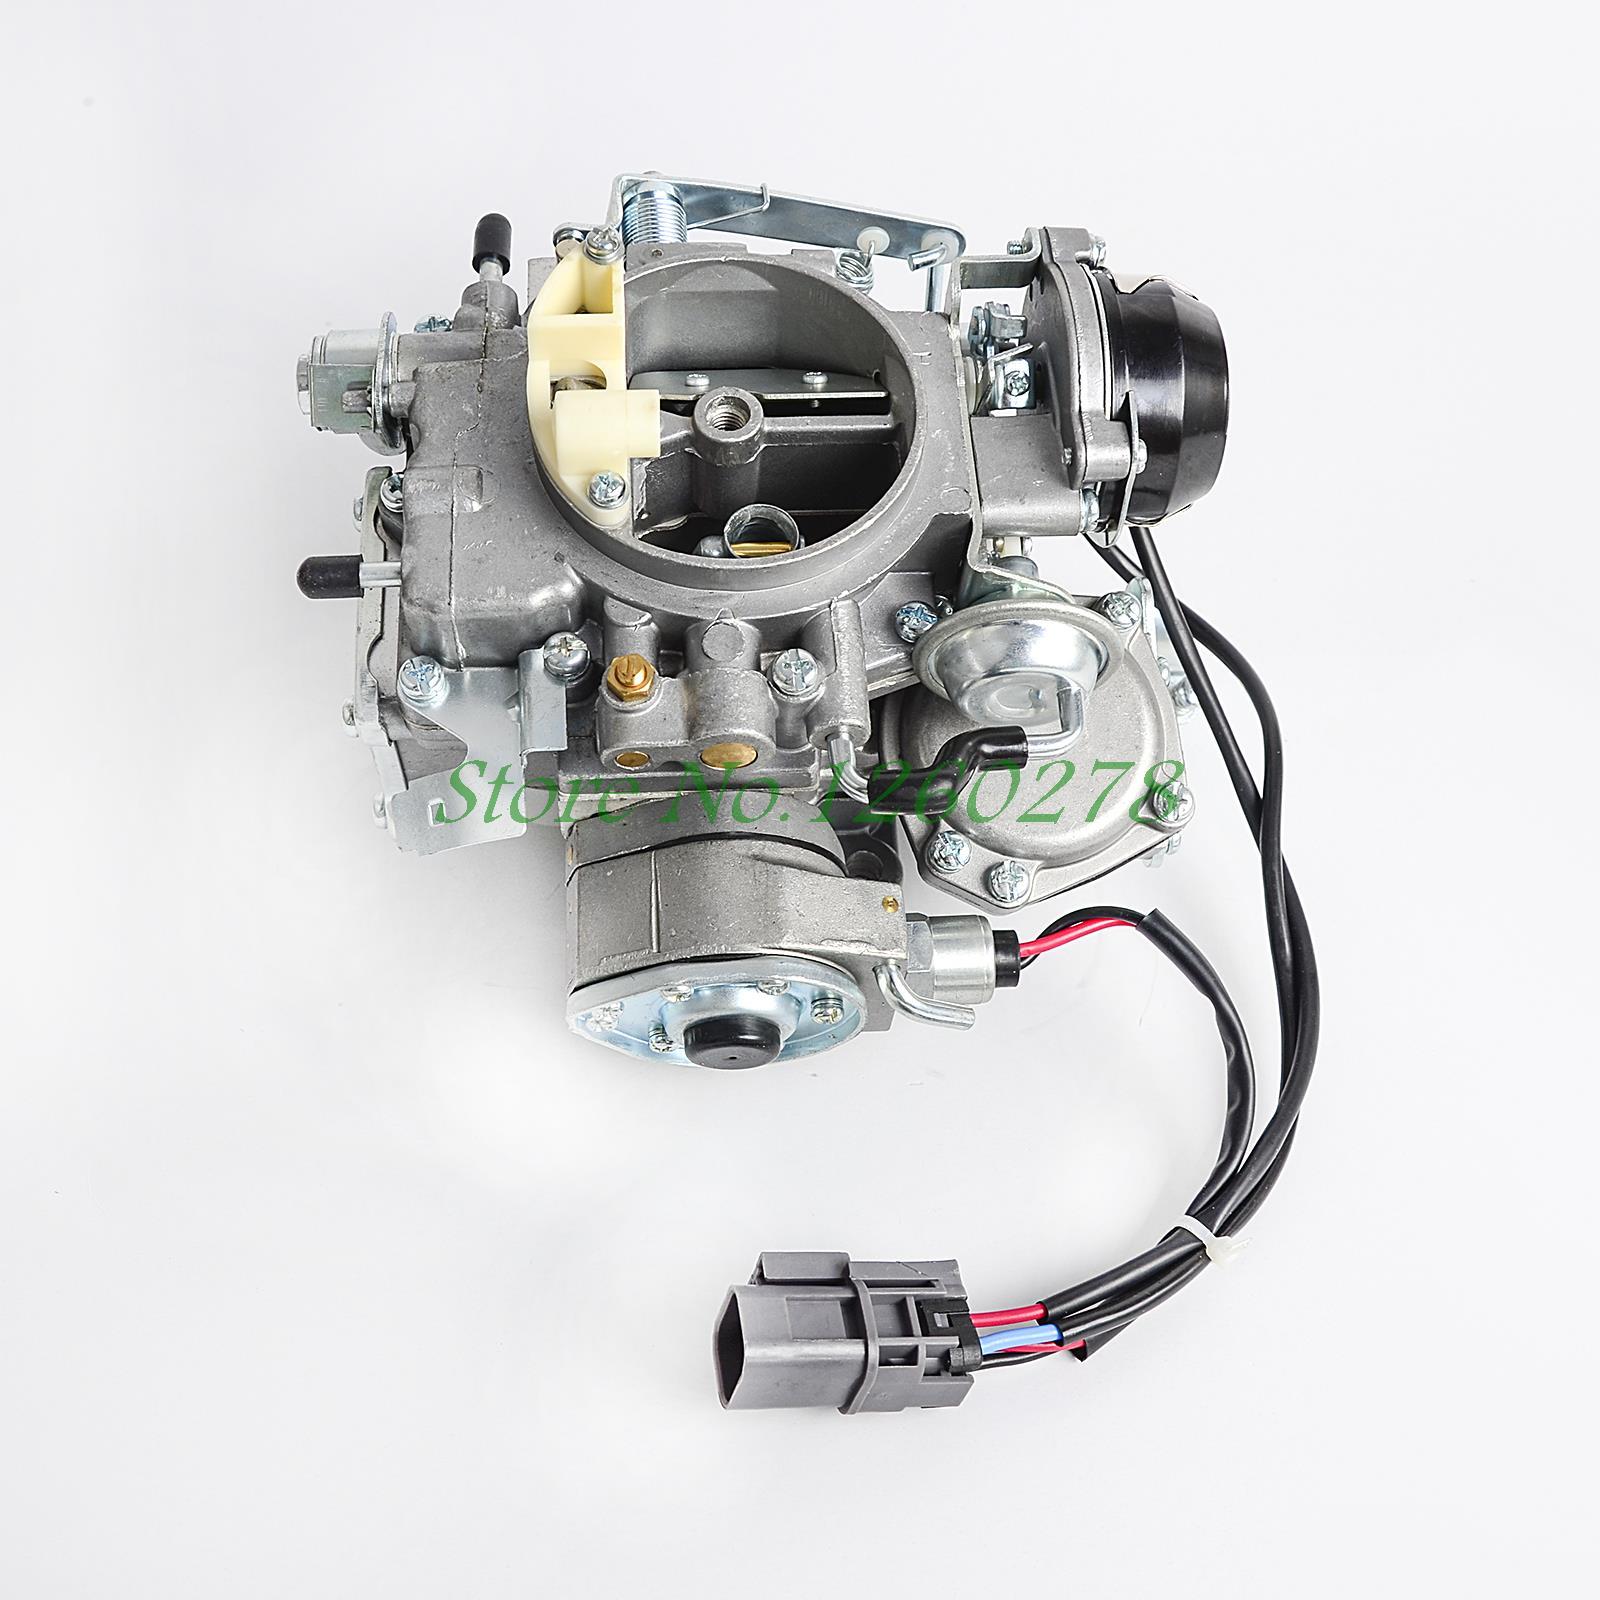 NICECNC carburateur CARBY CARBIE très RARE pour NISSAN patrouille GQ Y60 6 cylindres moteur TB42 4.2L 1988-1995 RB30 3.0L 1990-1997